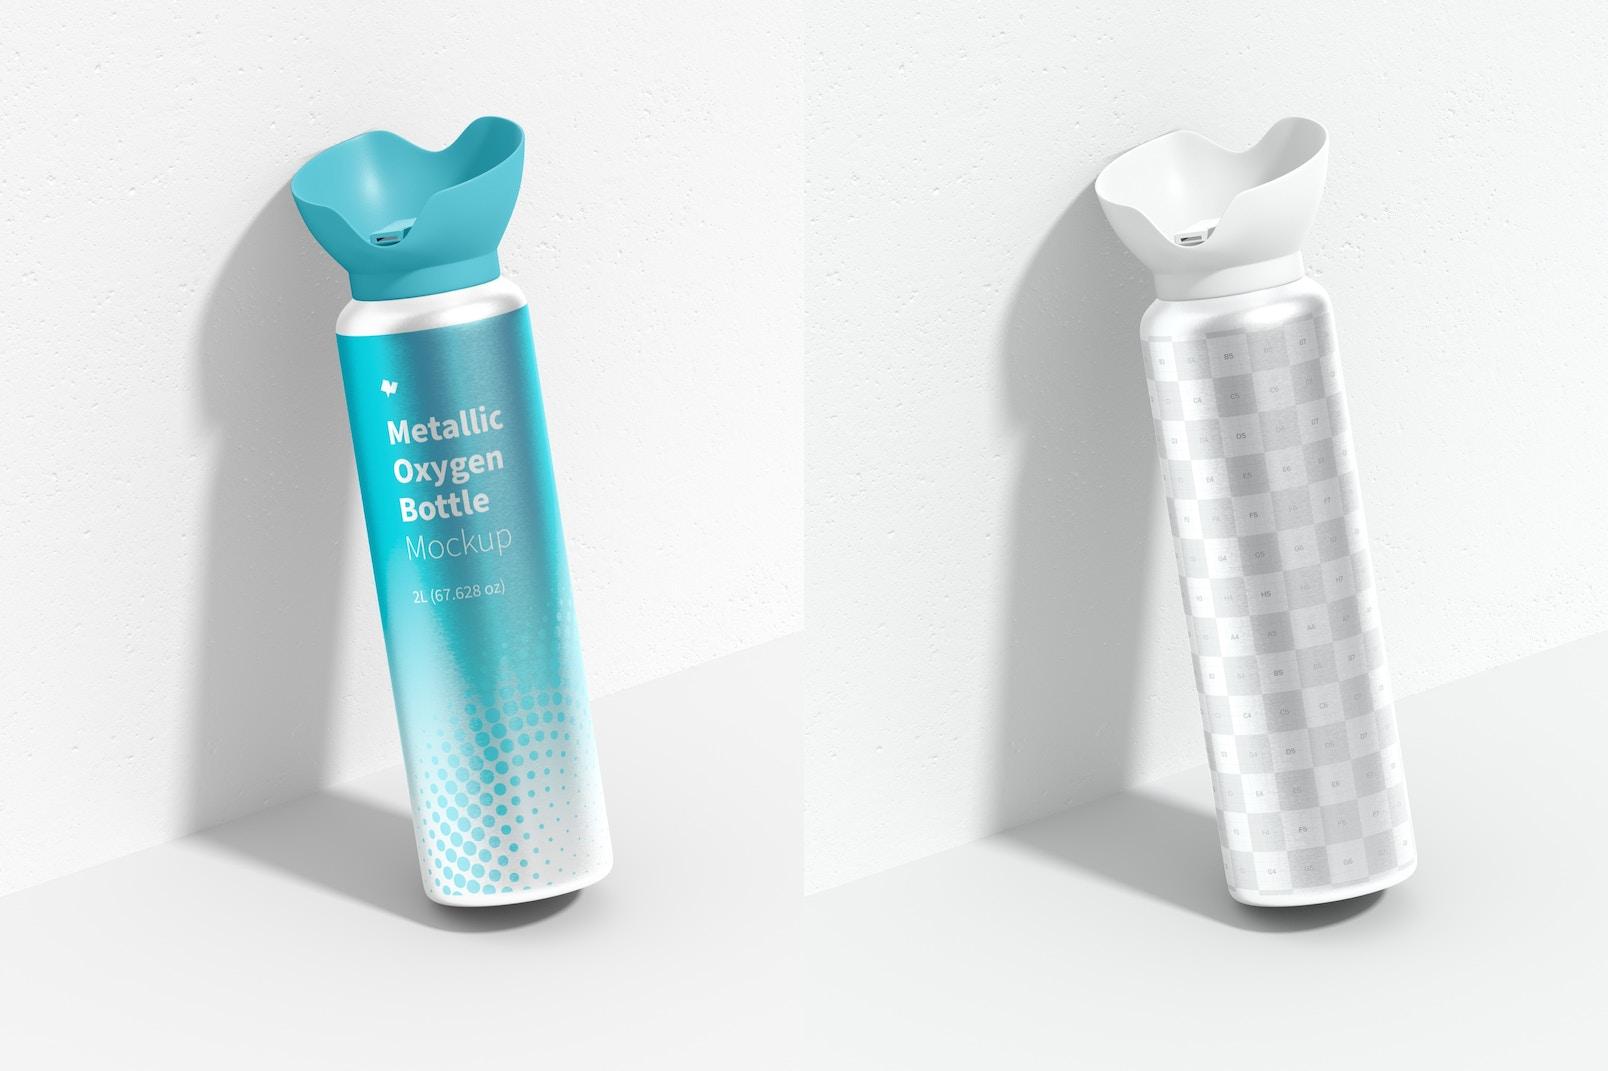 Maqueta de Botella Metálica de Oxígeno, Inclinada